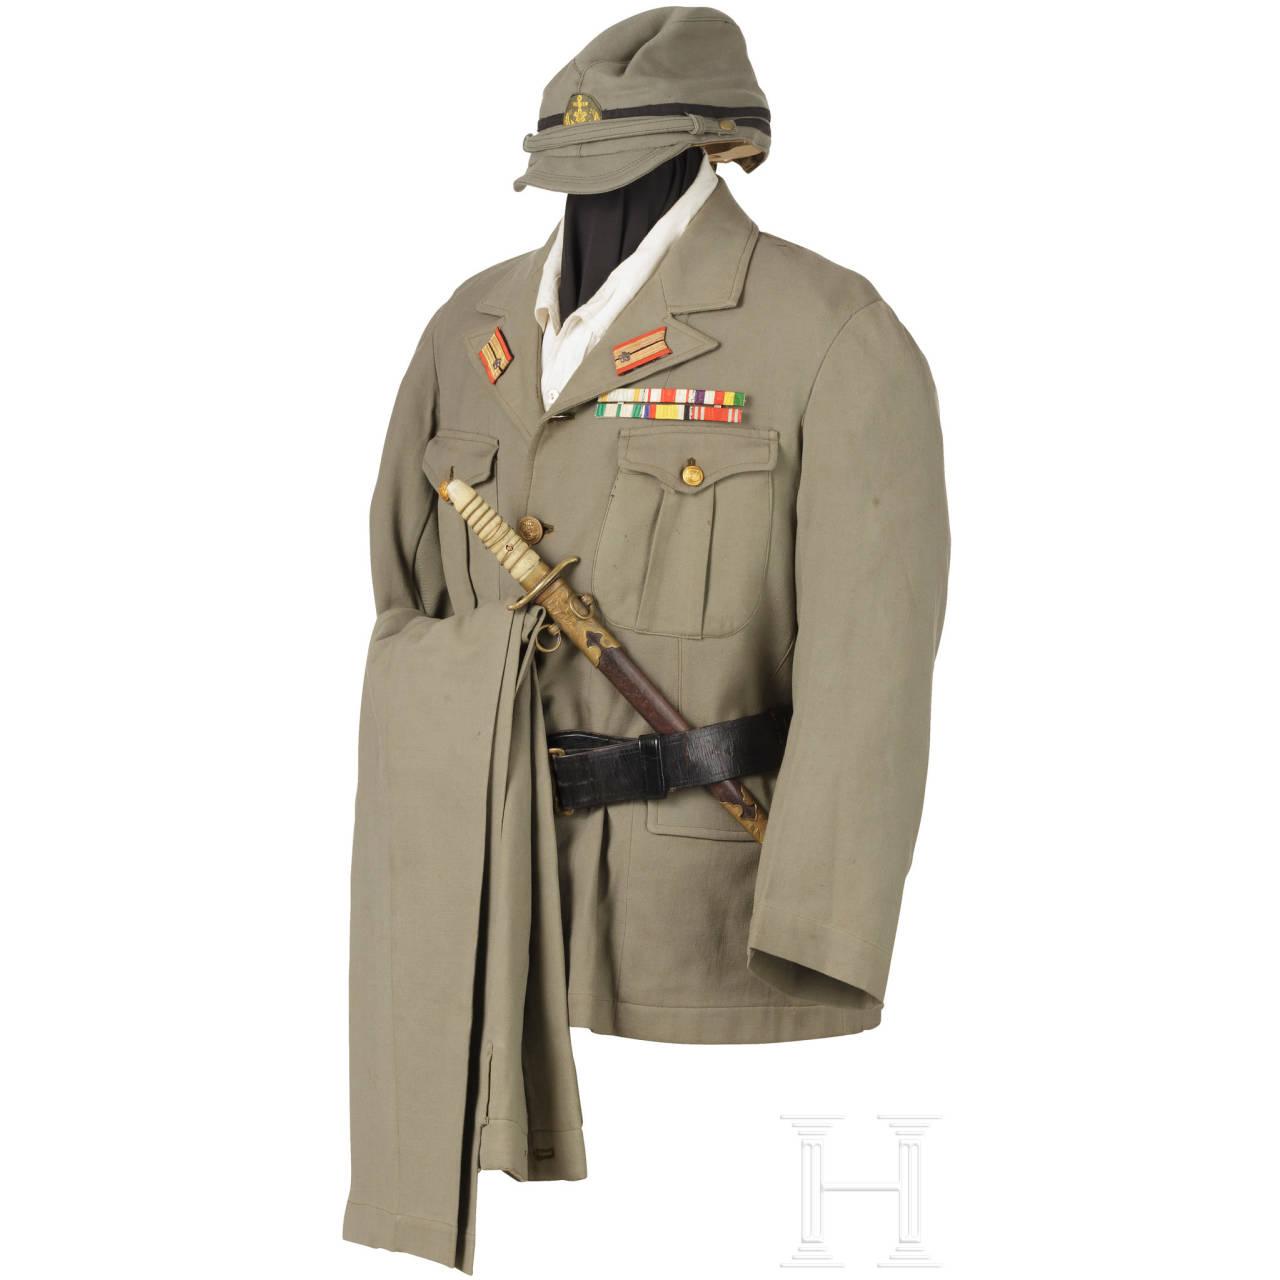 Uniformensemble eines ranghohen Arztes der Kaiserlich Japanischen Marine im 2. Weltkrieg